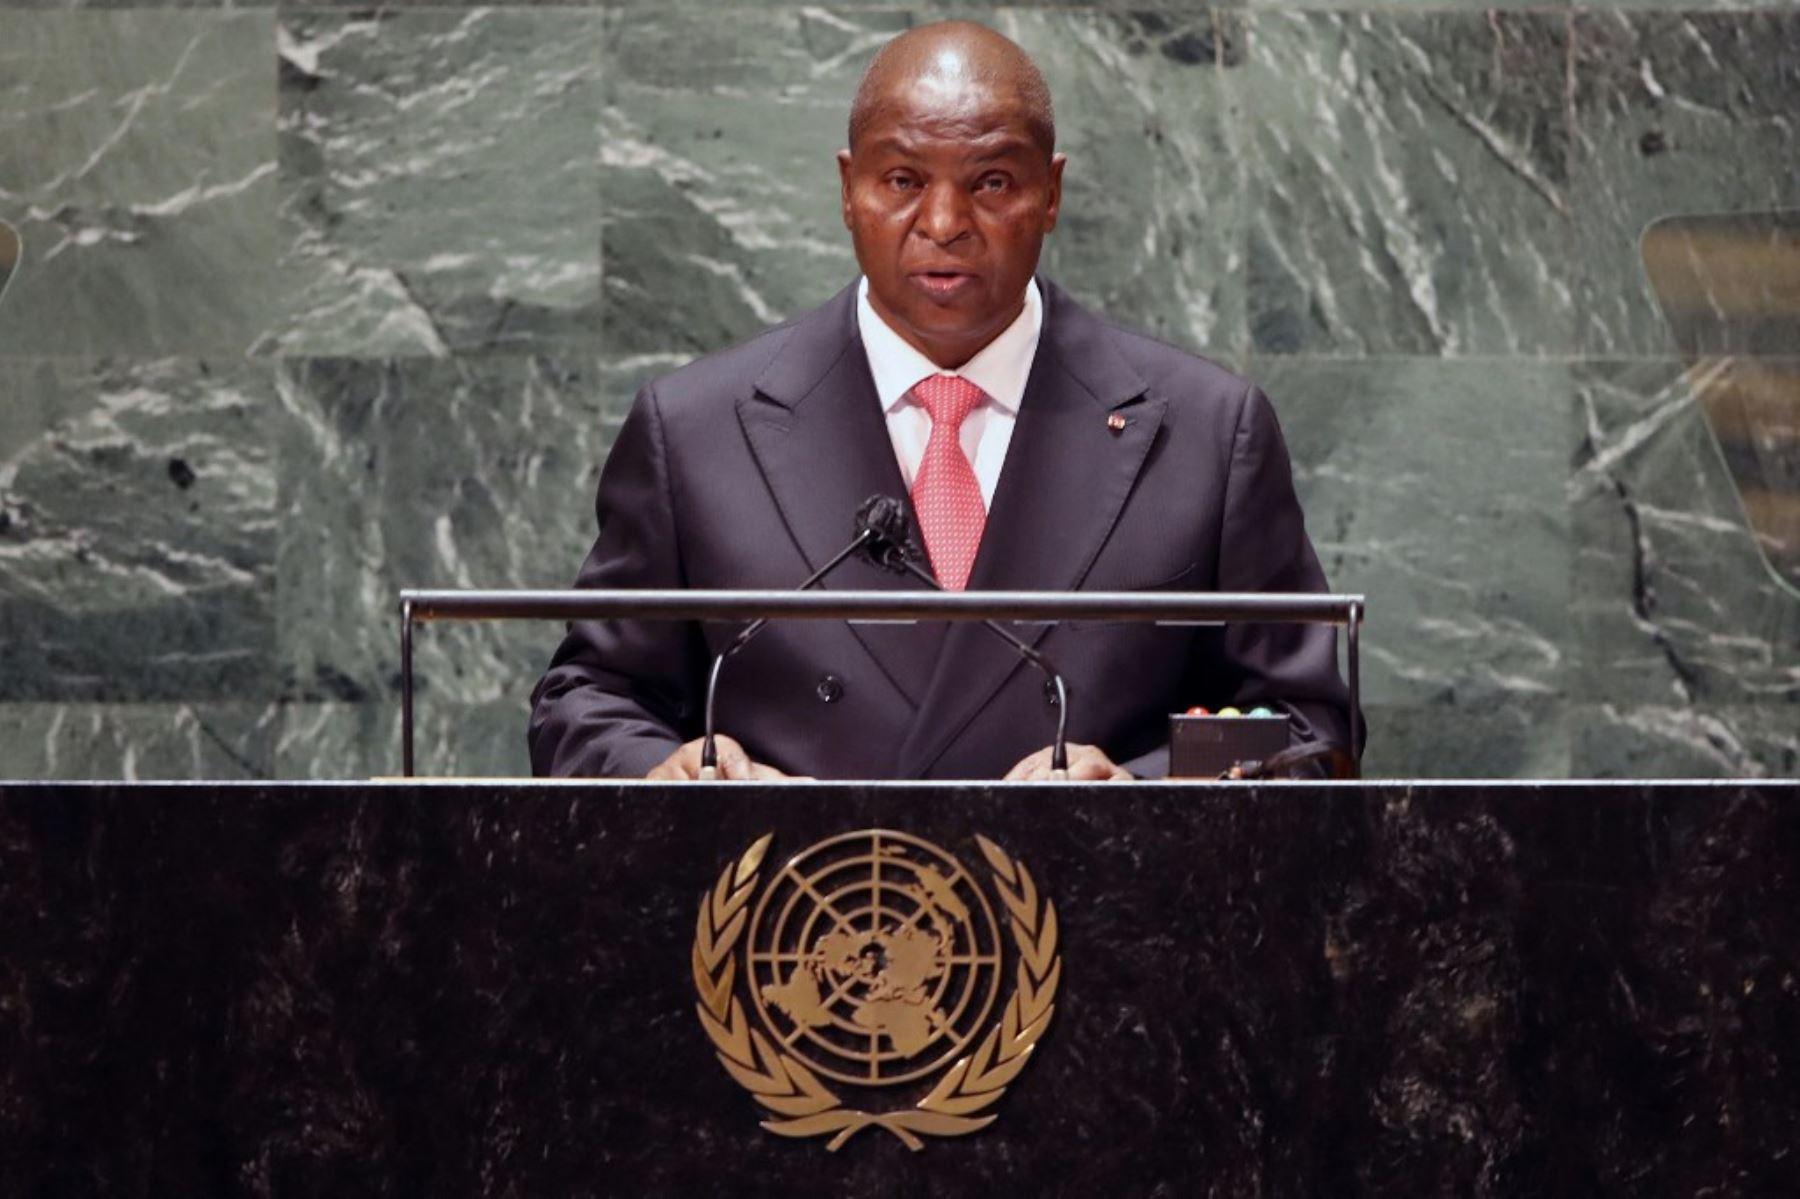 El presidente de la República Centroafricana, Faustin Archange Touadera, se dirige al 76 ° período de sesiones de la Asamblea General de la ONU el 21 de septiembre de 2021 en Nueva York. Foto: AFP